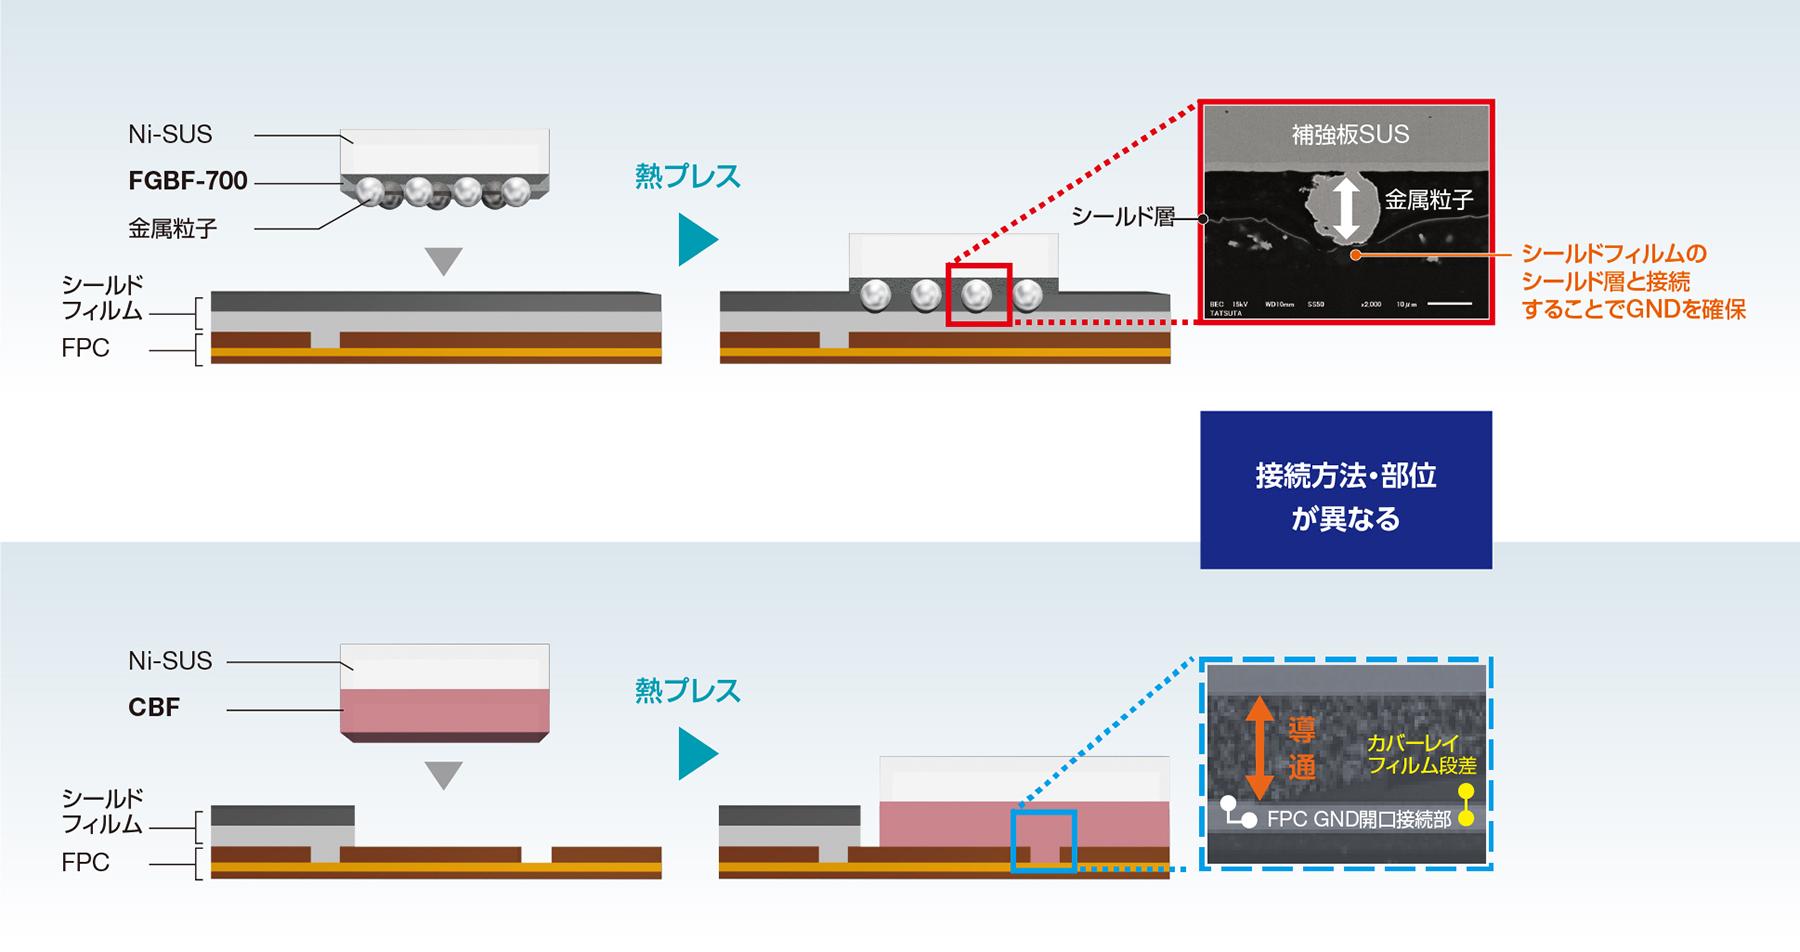 FGBF-700とCBF series 使用方法・部位の違い